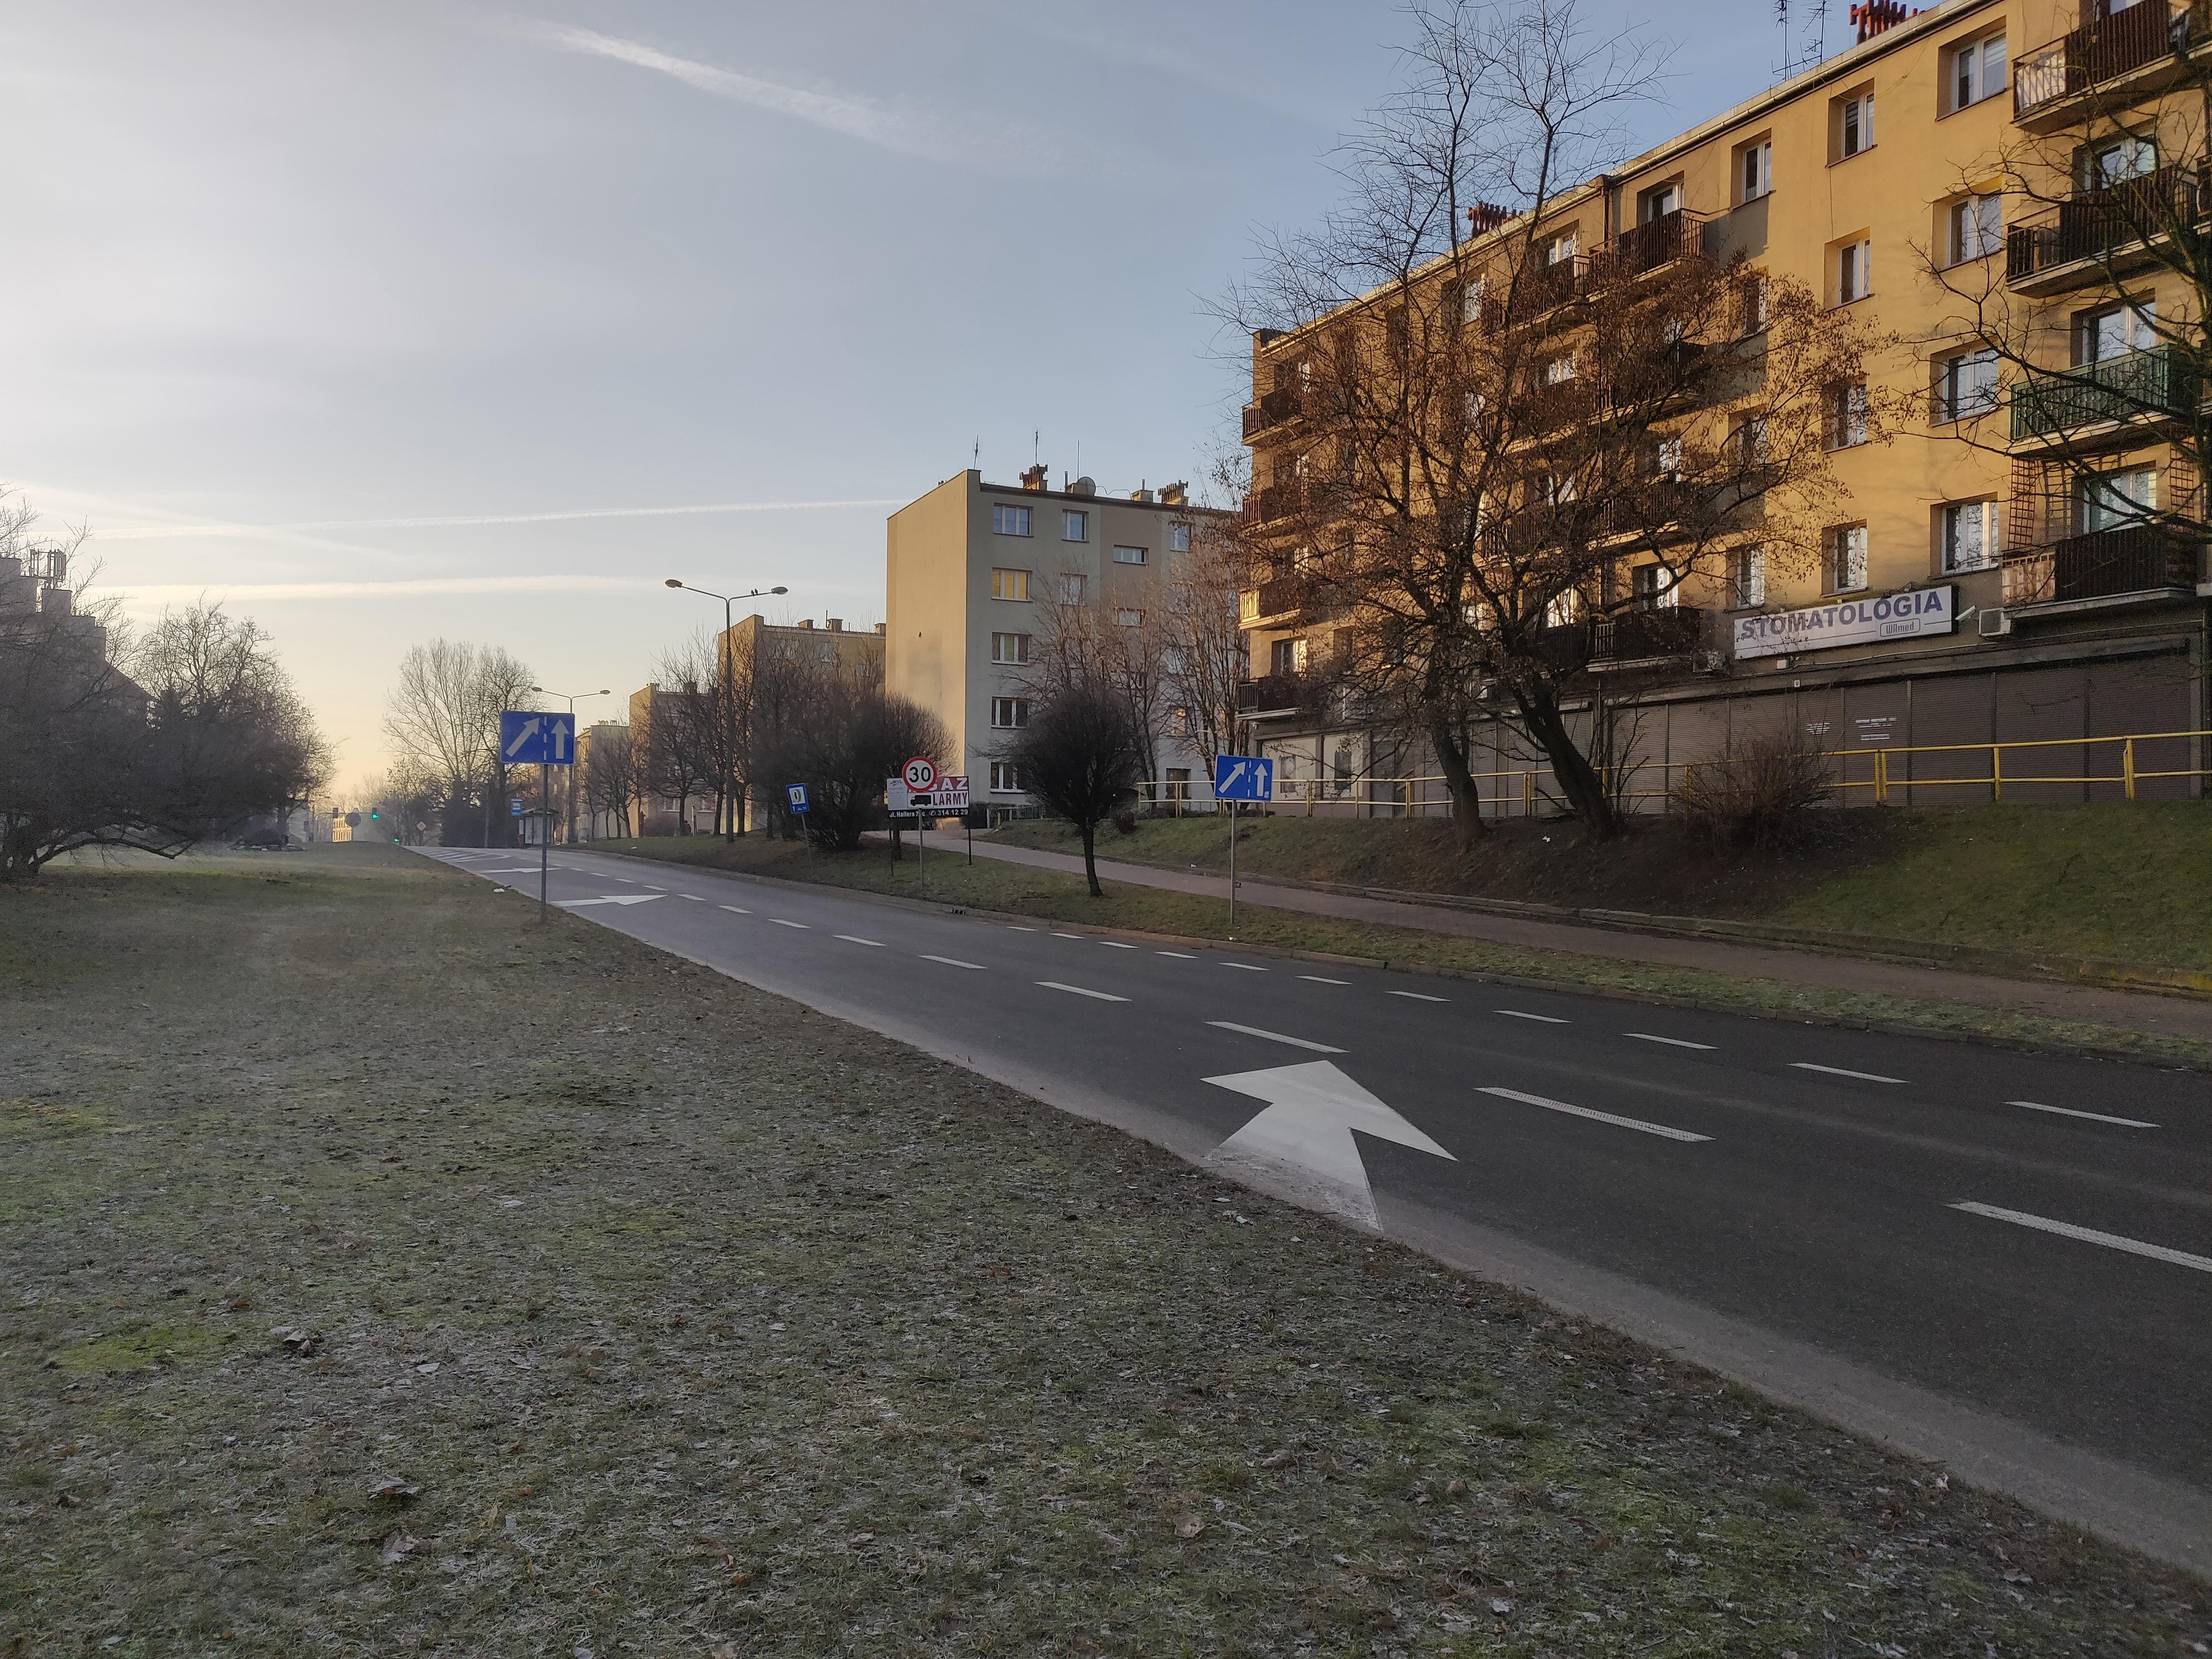 Osiedle Przedwiośnie Katowice Wikipedia Wolna Encyklopedia